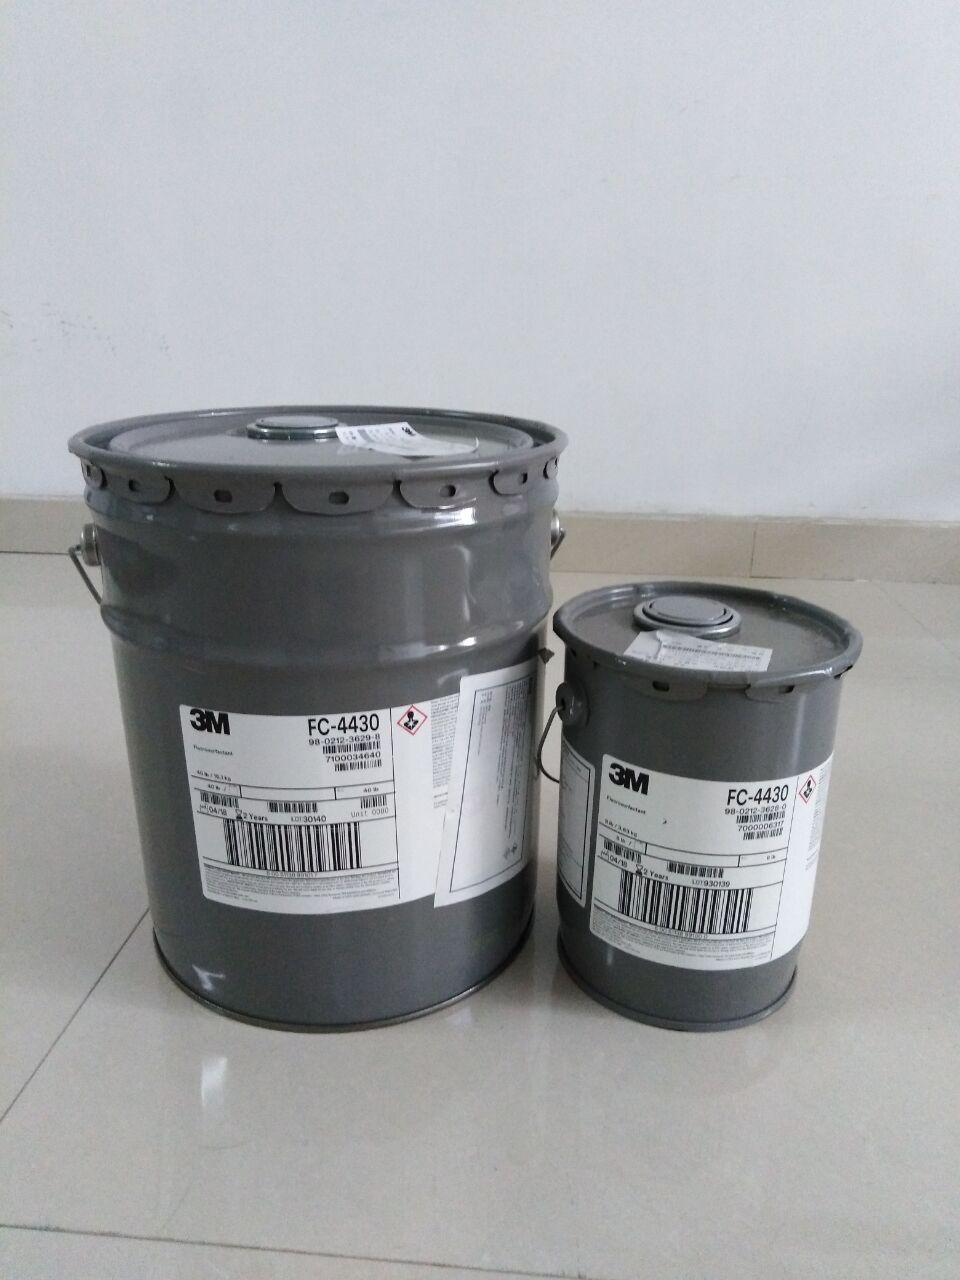 价格划算的3M氟素表面活性剂FC-4430|销量好的3M氟素表面活性剂 FC-4430品质推荐